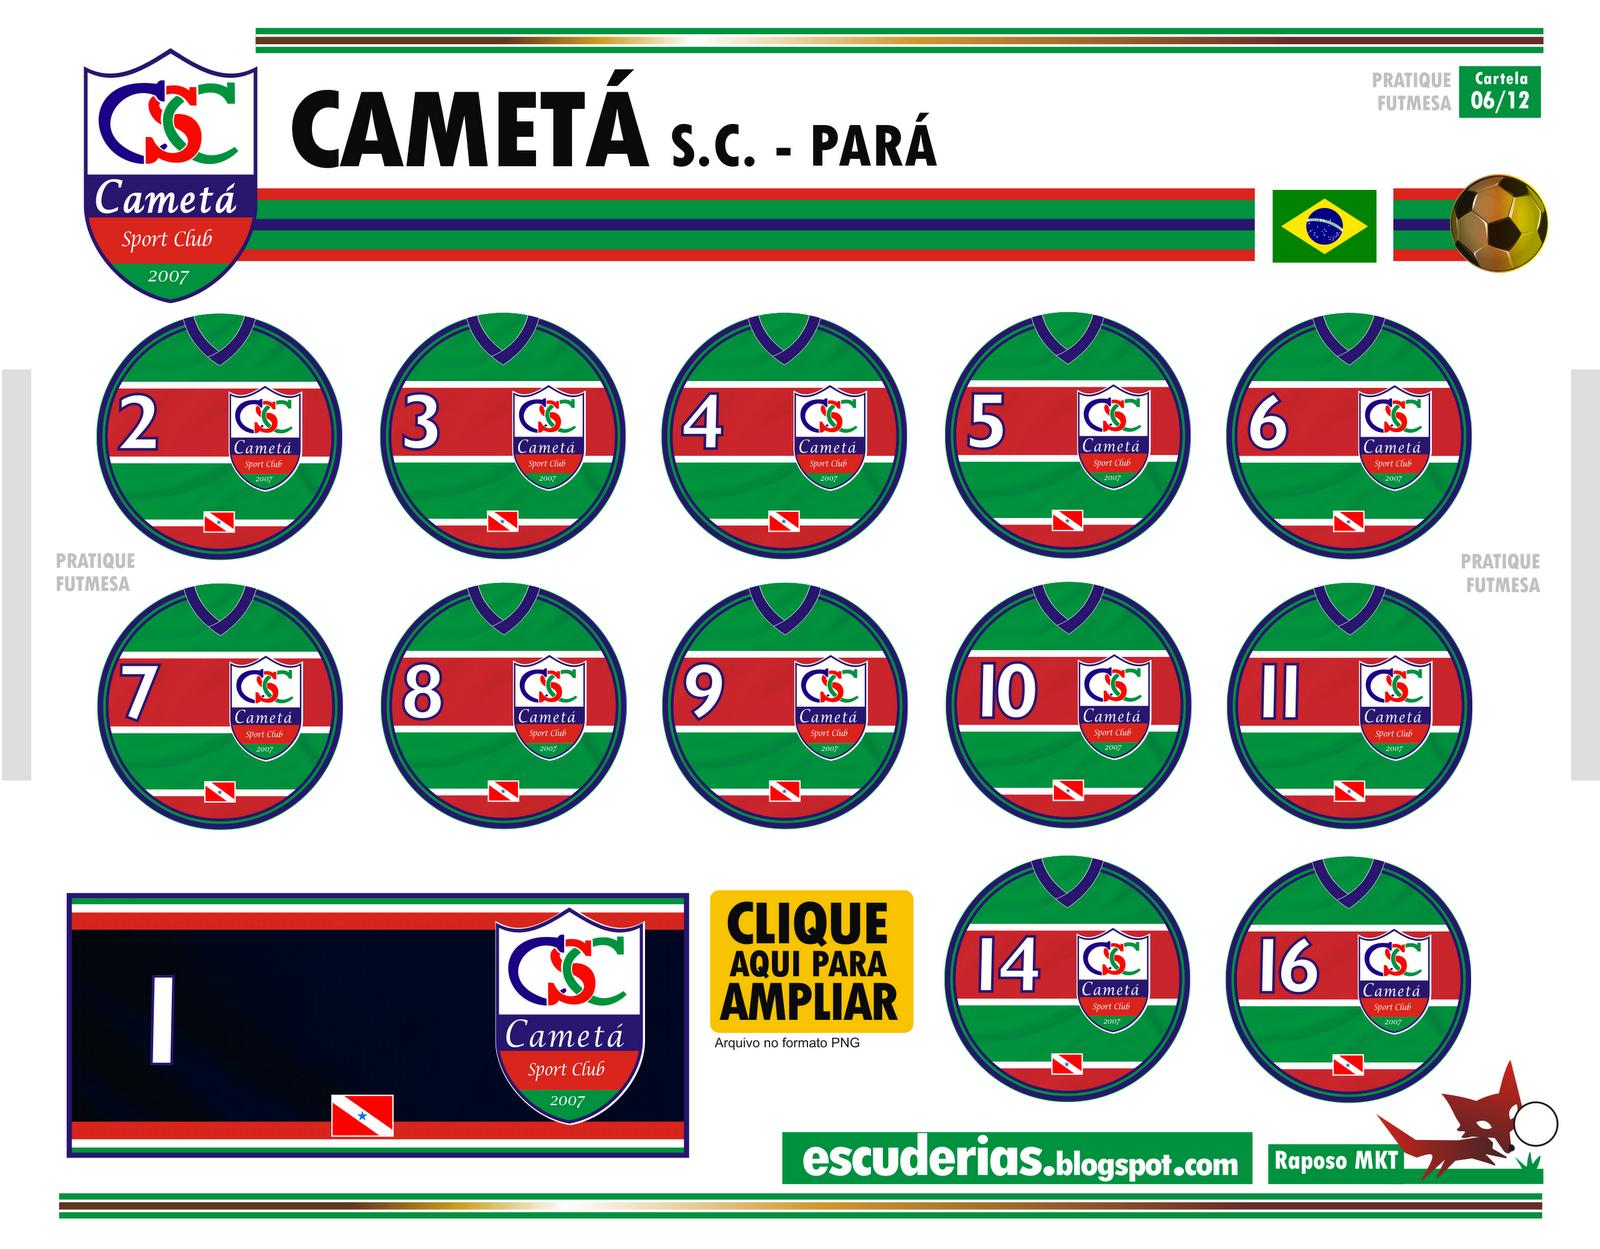 Escuderias camet pa for Cameta com